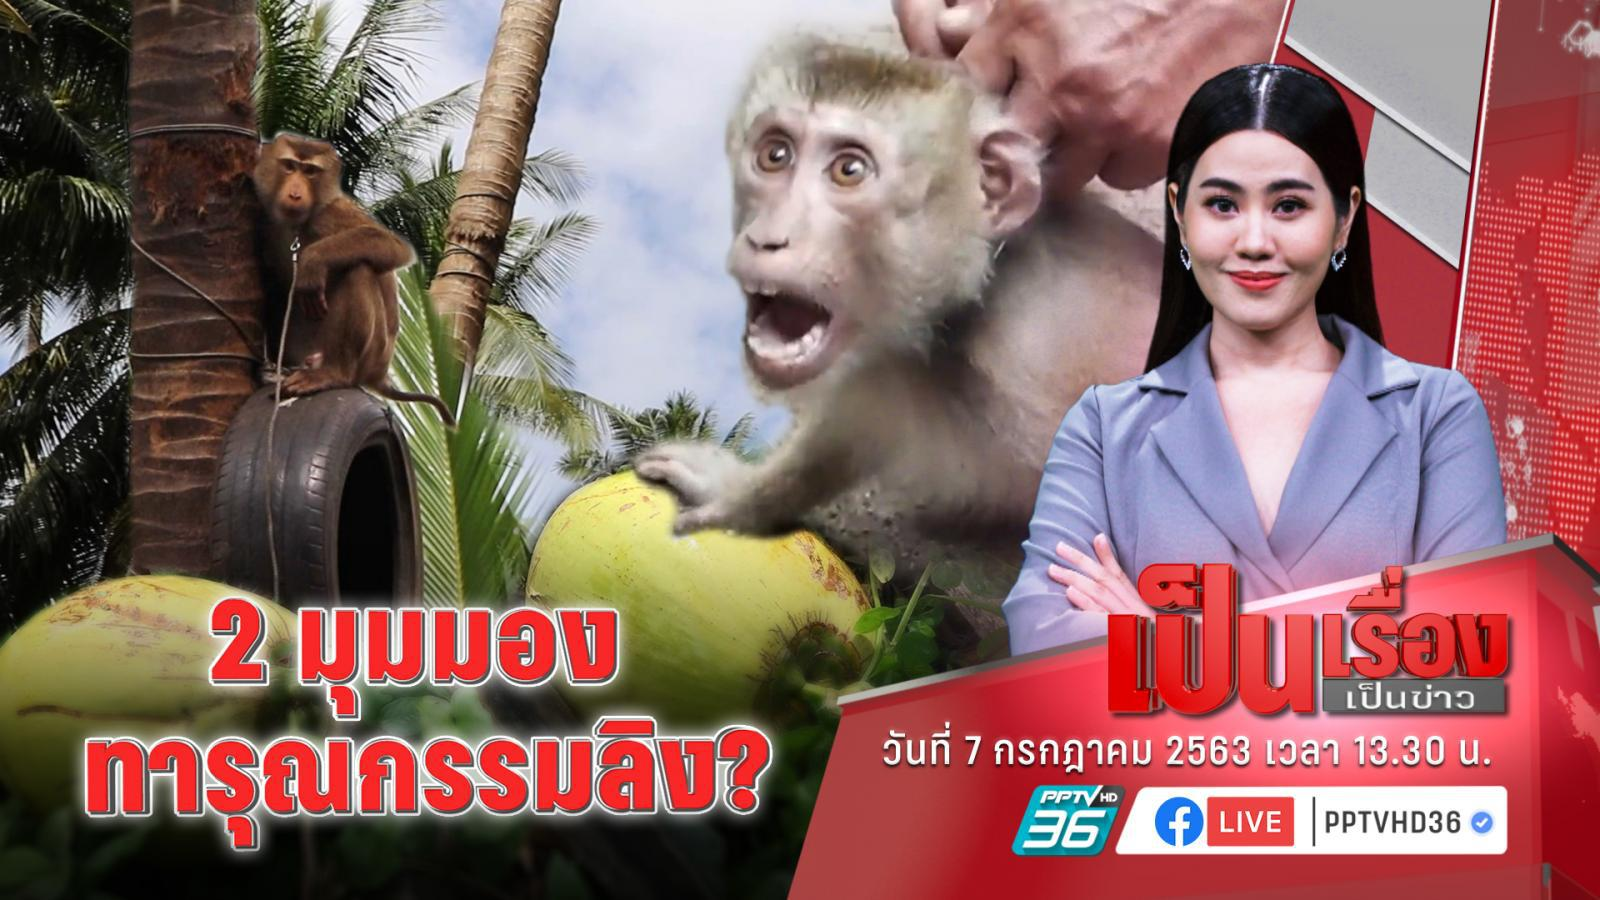 ฟัง 2 มุมมองการใช้ลิงเก็บมะพร้าวในไทย